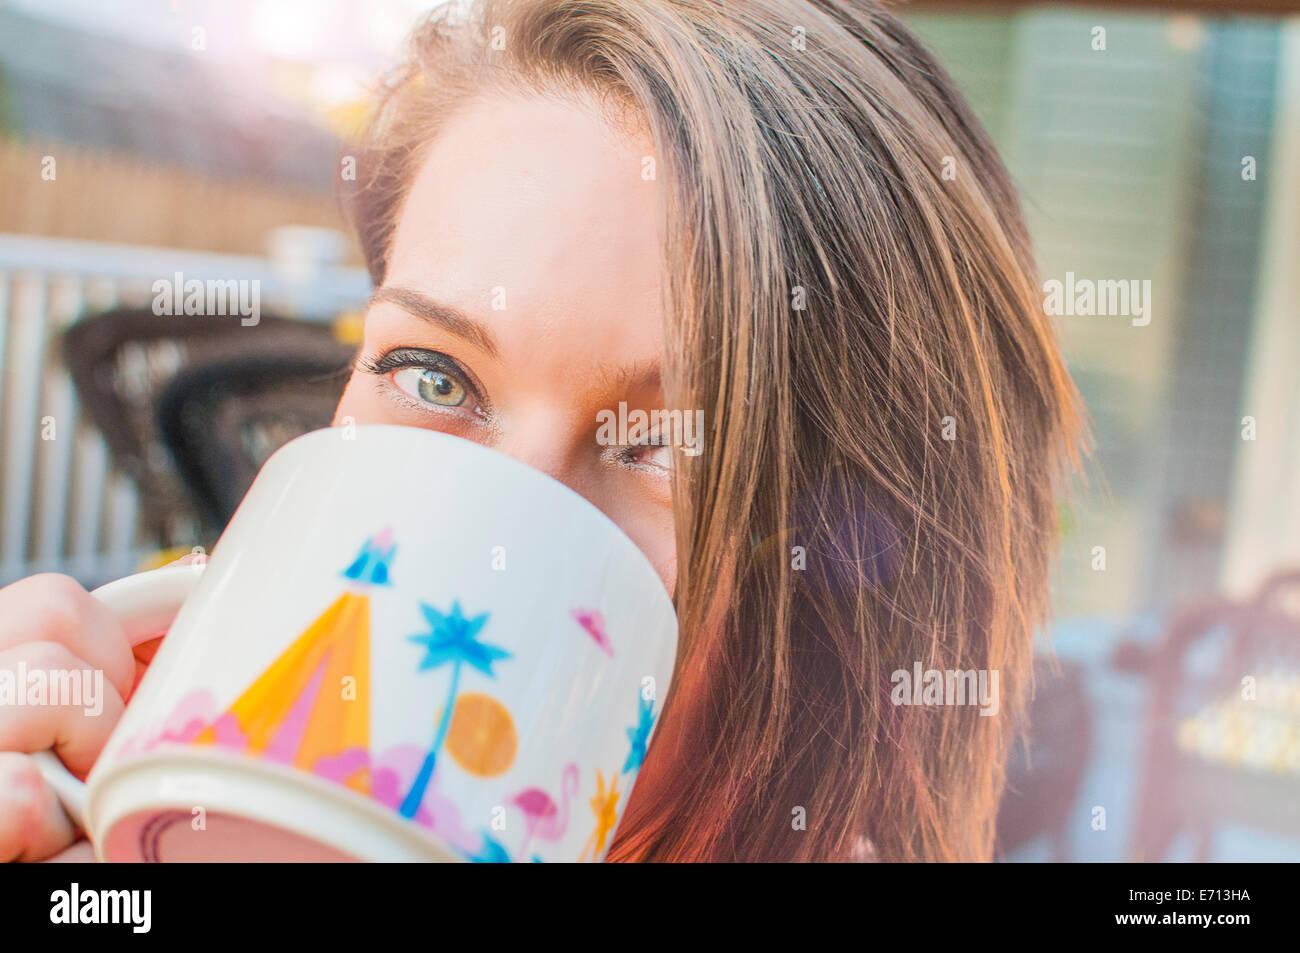 Primer plano de un joven bebiendo café de taza Imagen De Stock